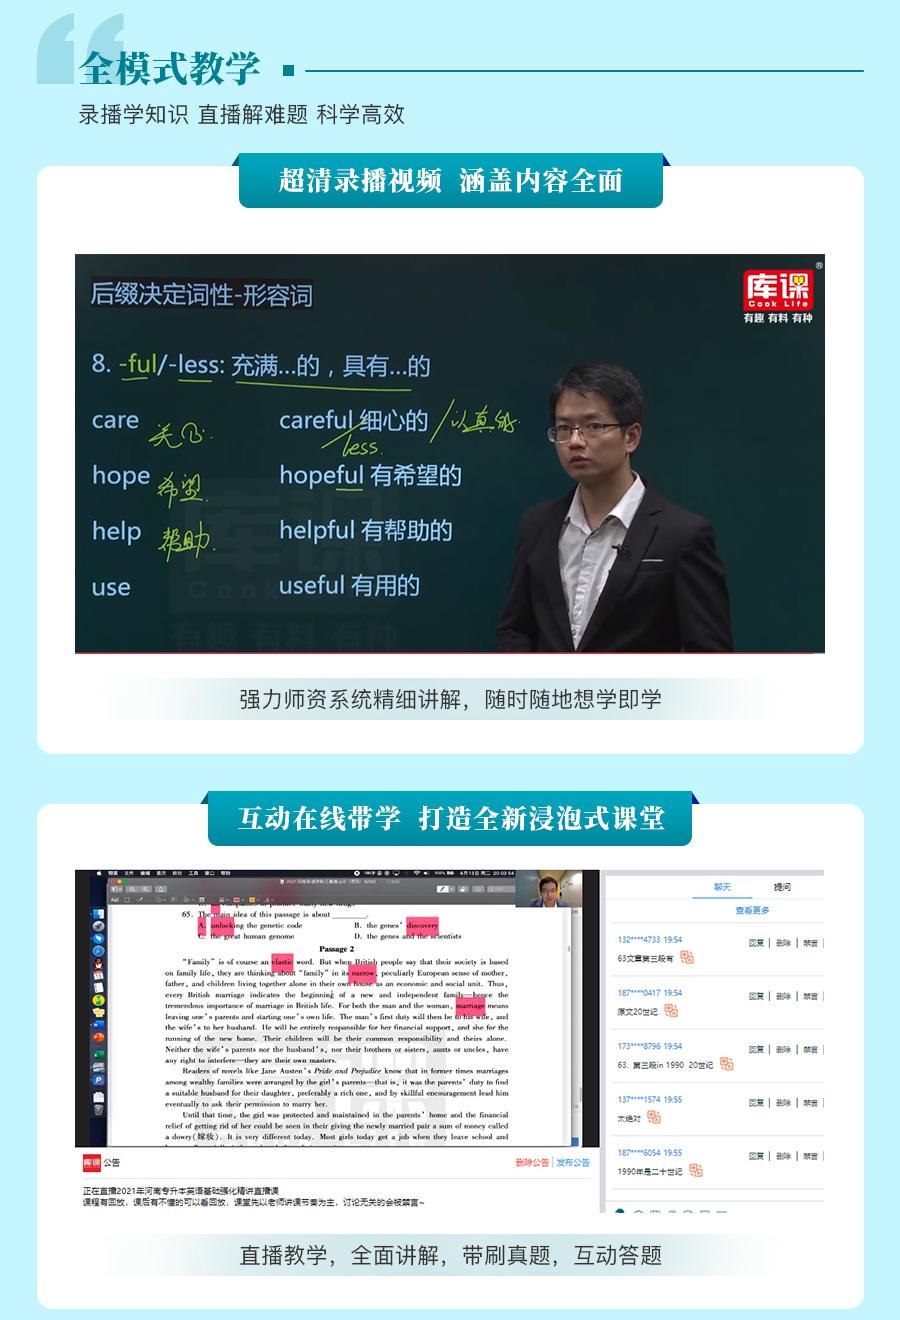 广东-vip-英语+政治+管理_05.jpg